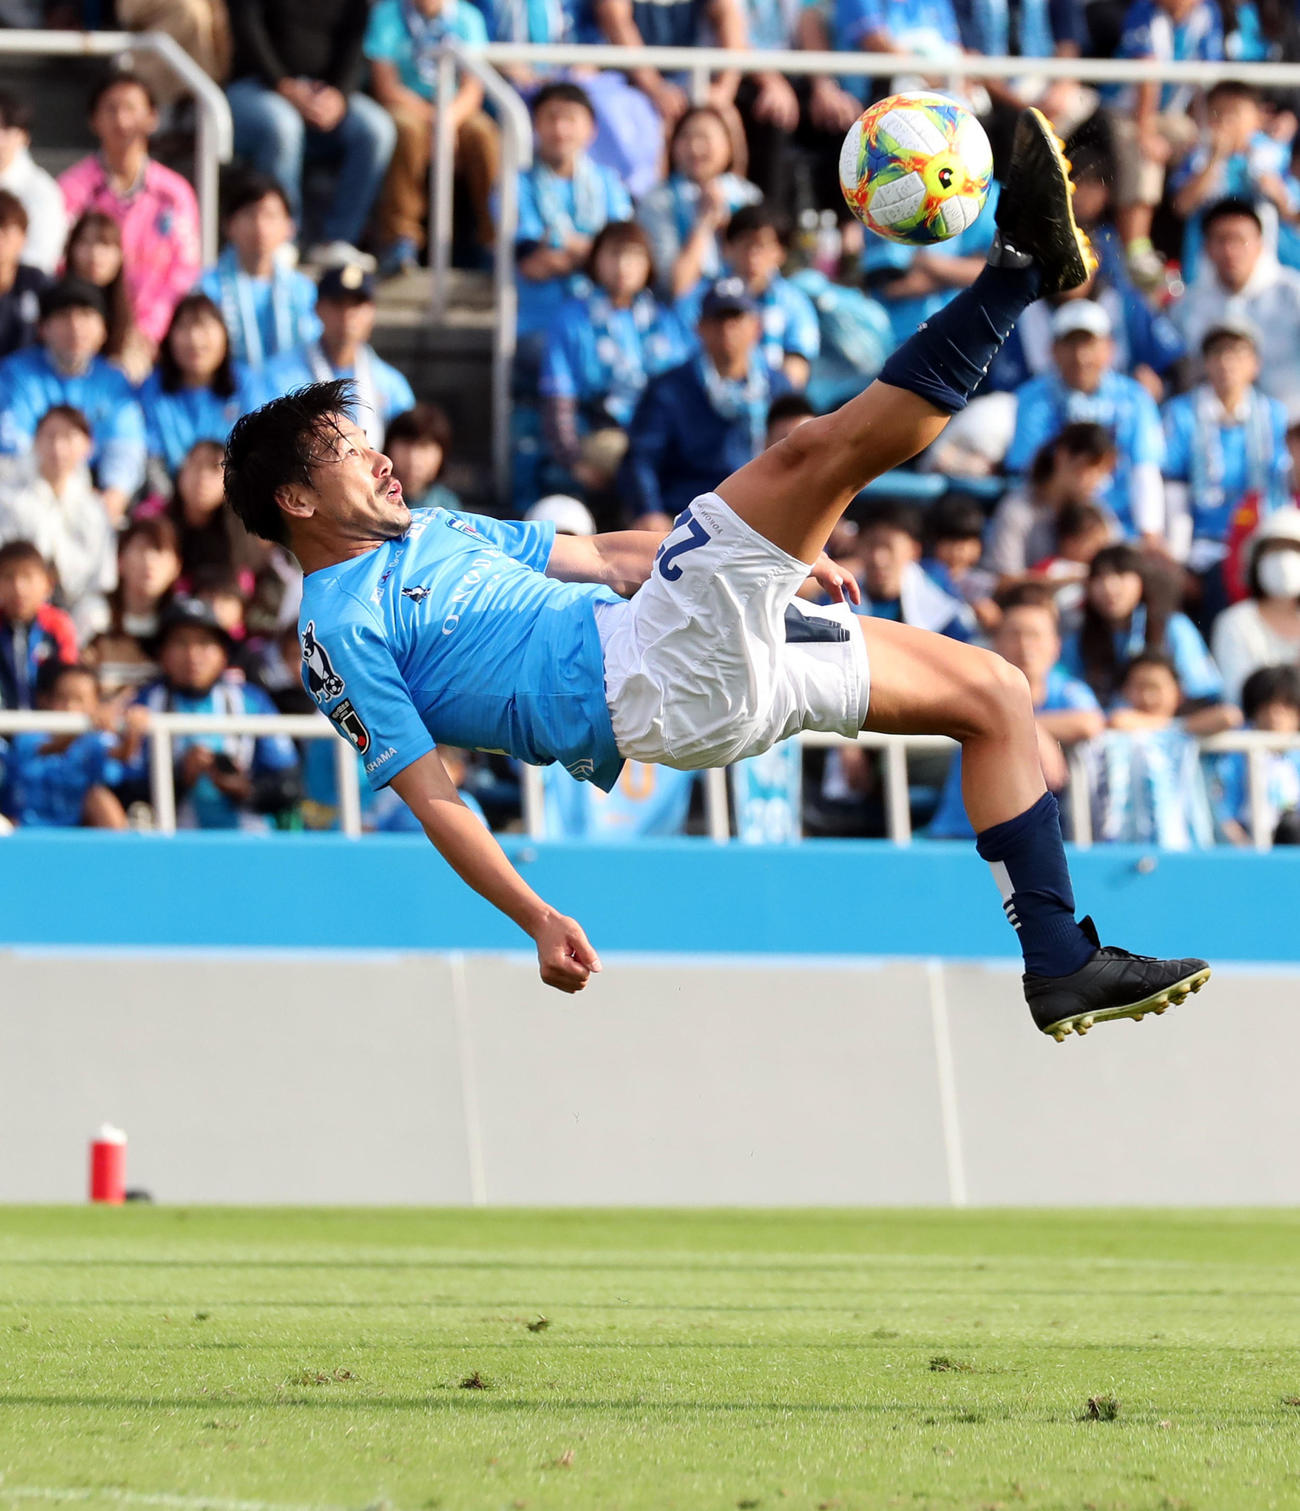 オーバーヘッドキックでゴールを狙う横浜FC時代の松井大輔(2019年10月6日撮影)